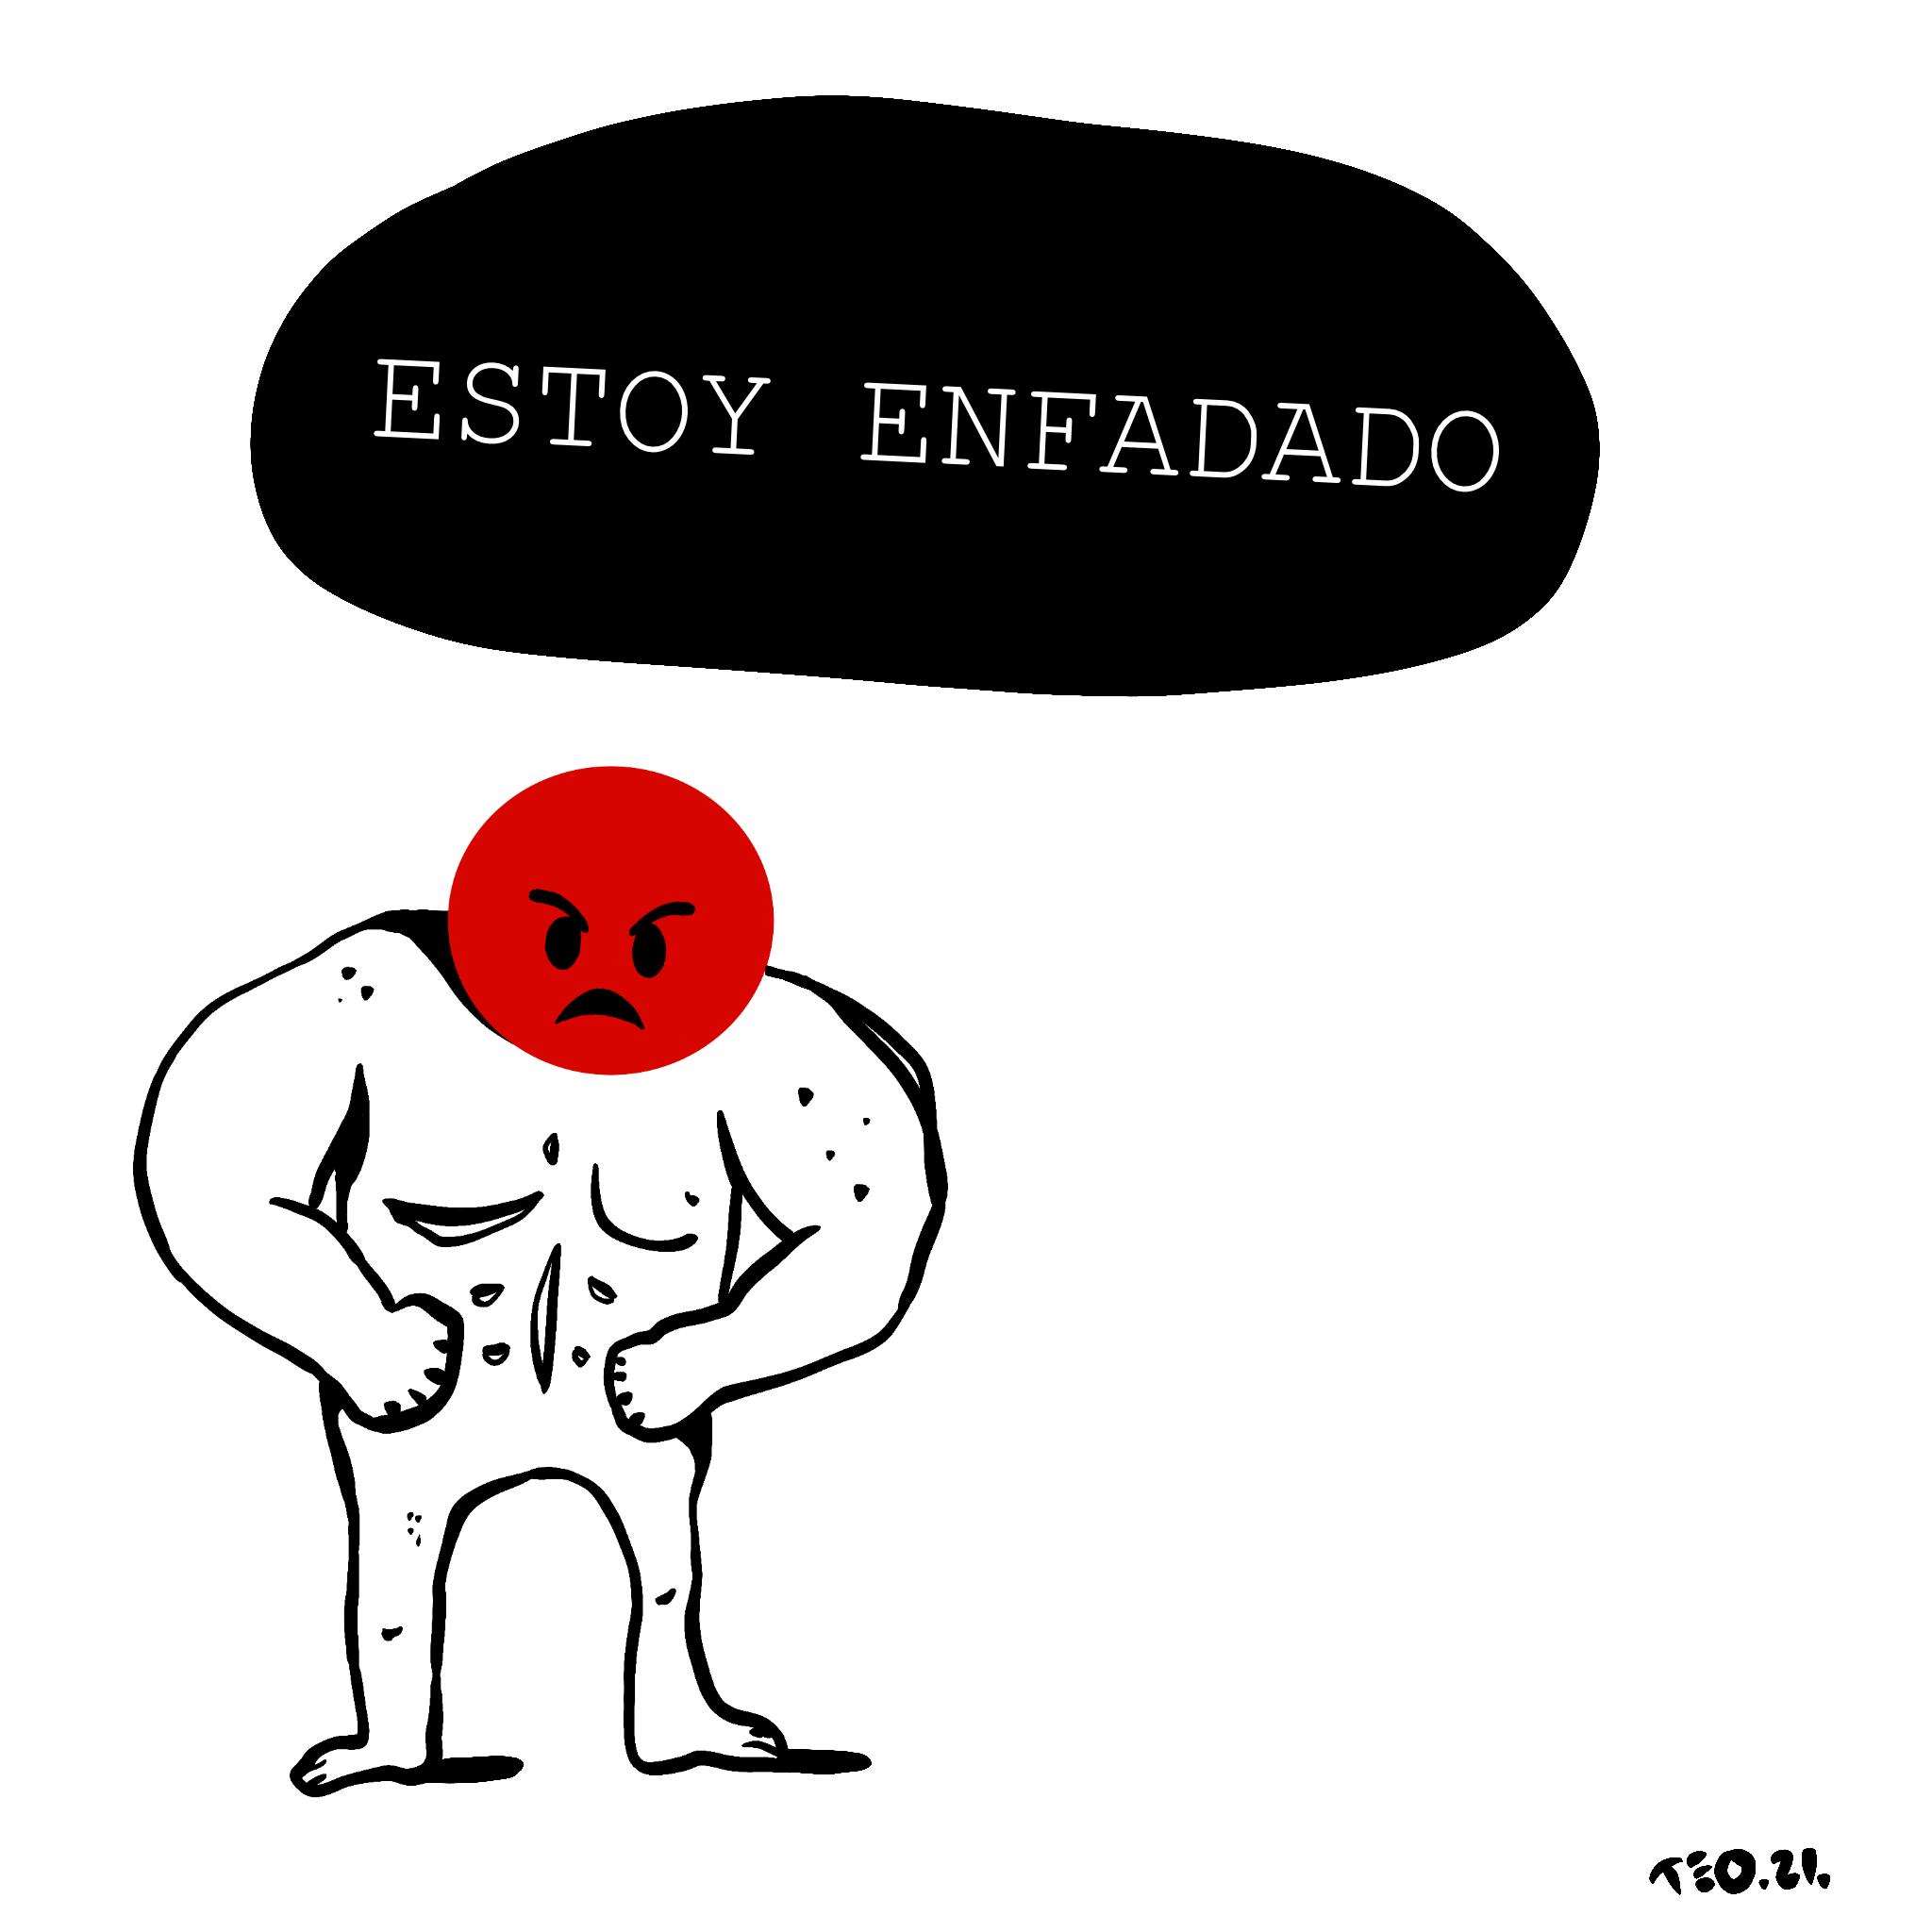 Estoy enfadado, de Teo Martín Fontela